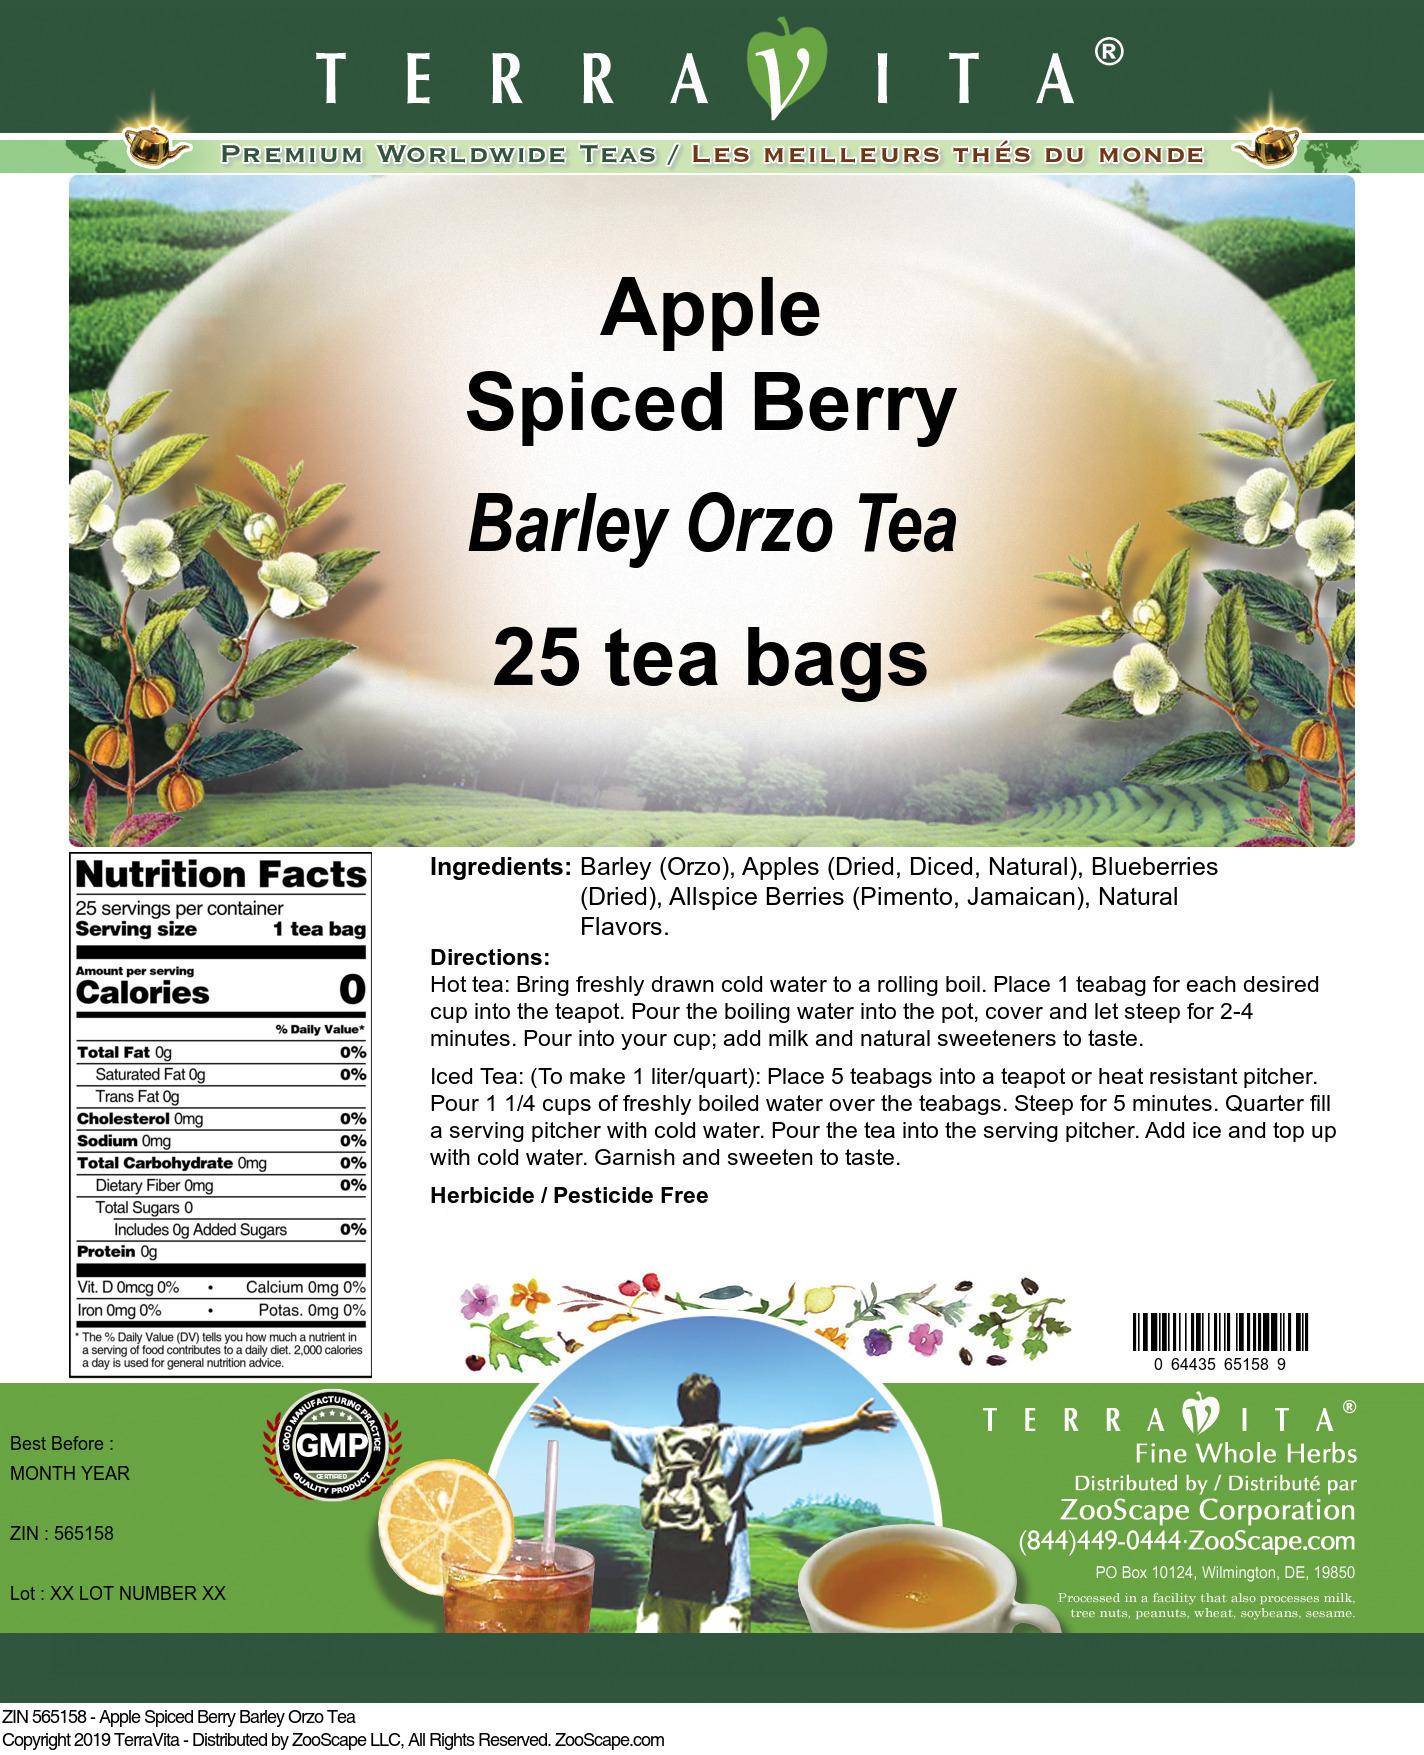 Apple Spiced Berry Barley Orzo Tea